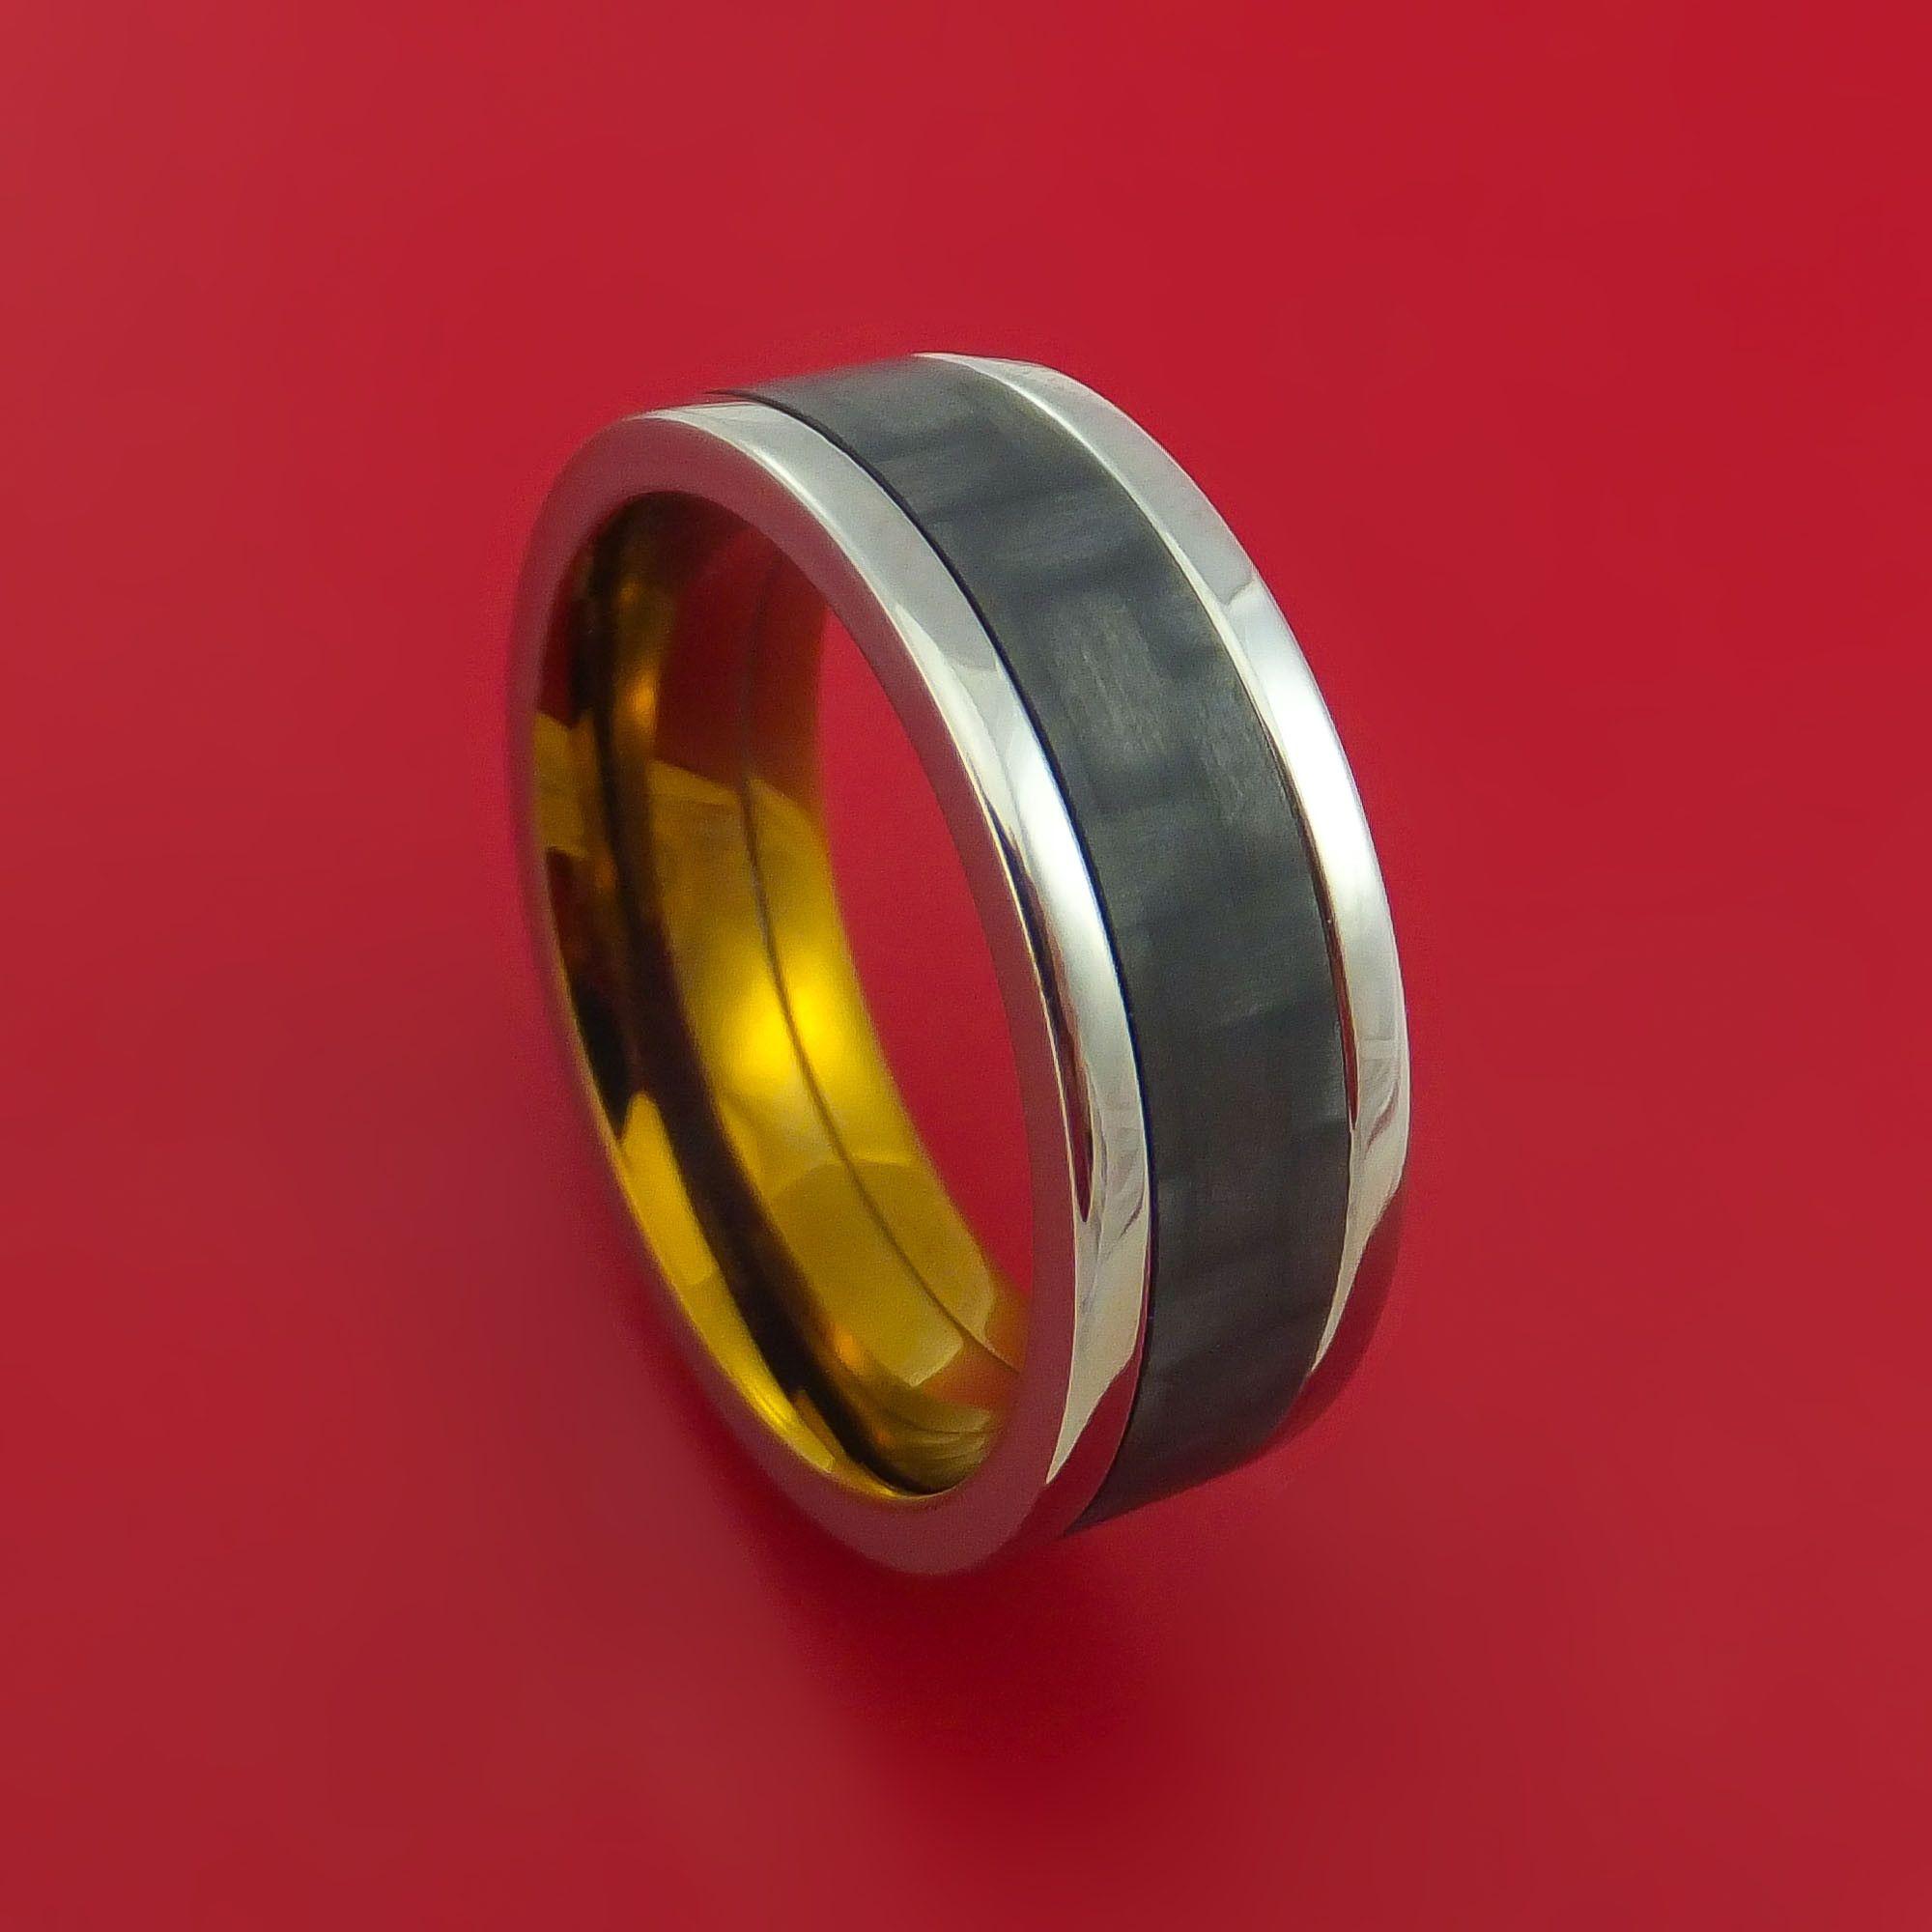 Titanium Ring with Black Carbon Fiber Inlay and Interior